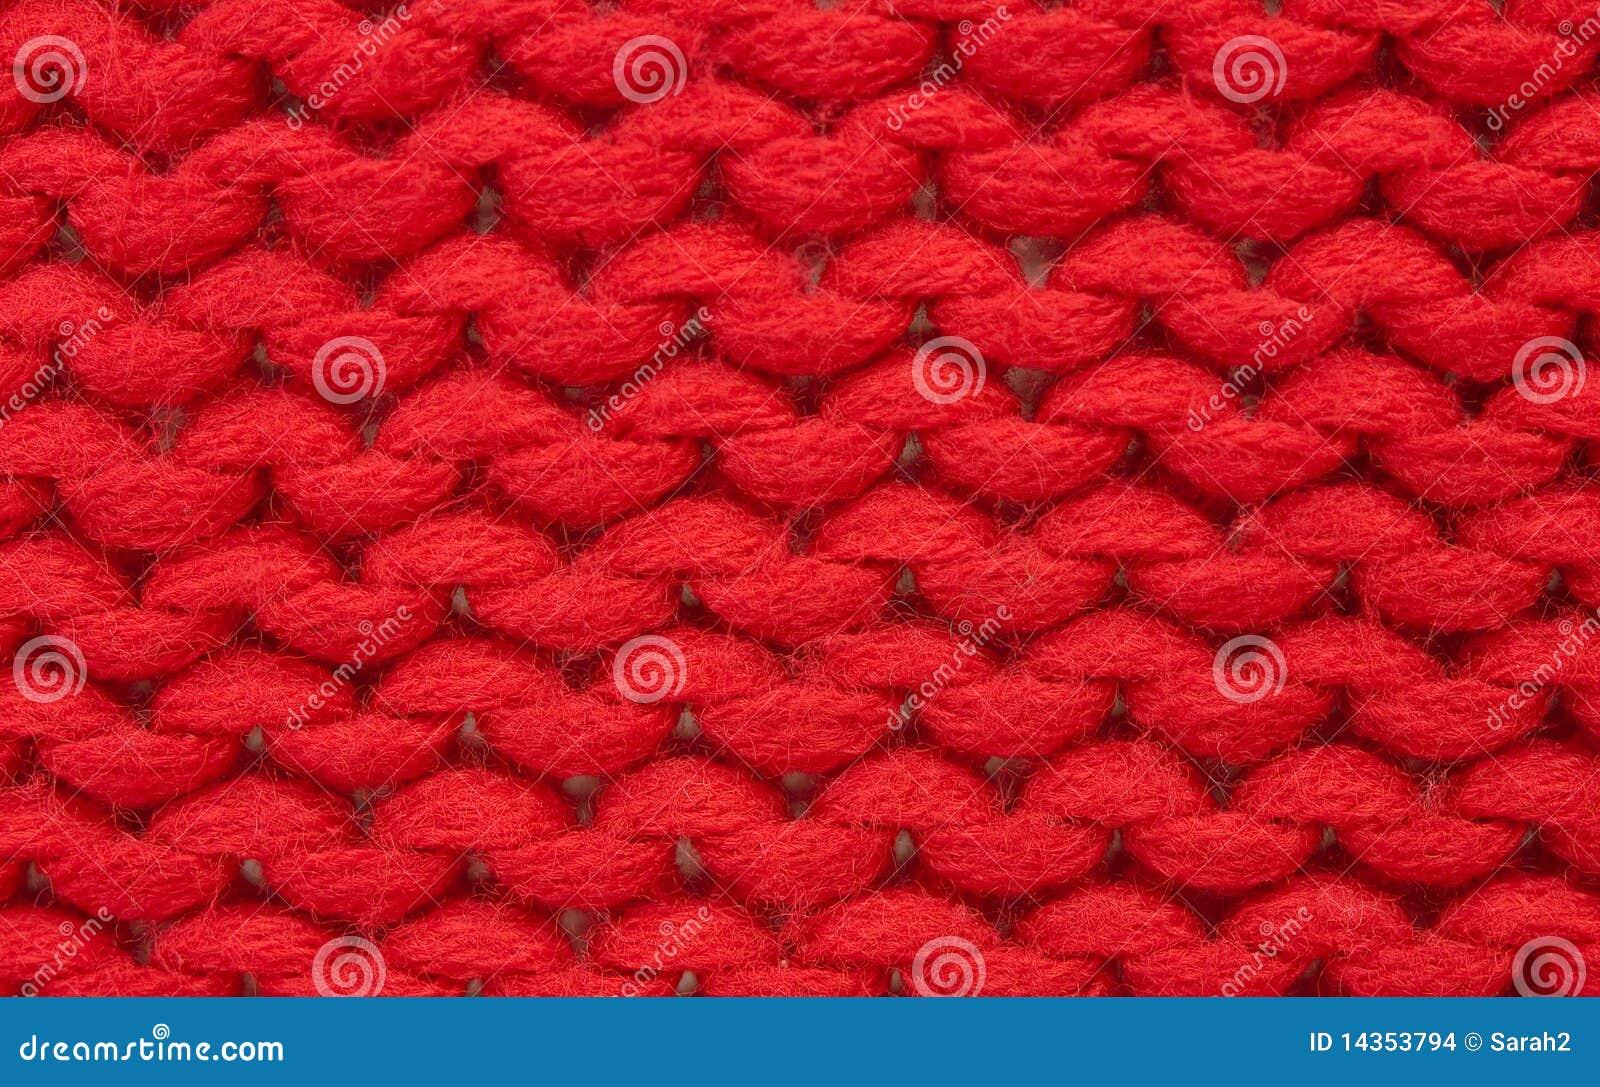 Basic Hand Knitting Stitches : Hand Knitting - Plain Stitch Stock Images - Image: 14353794